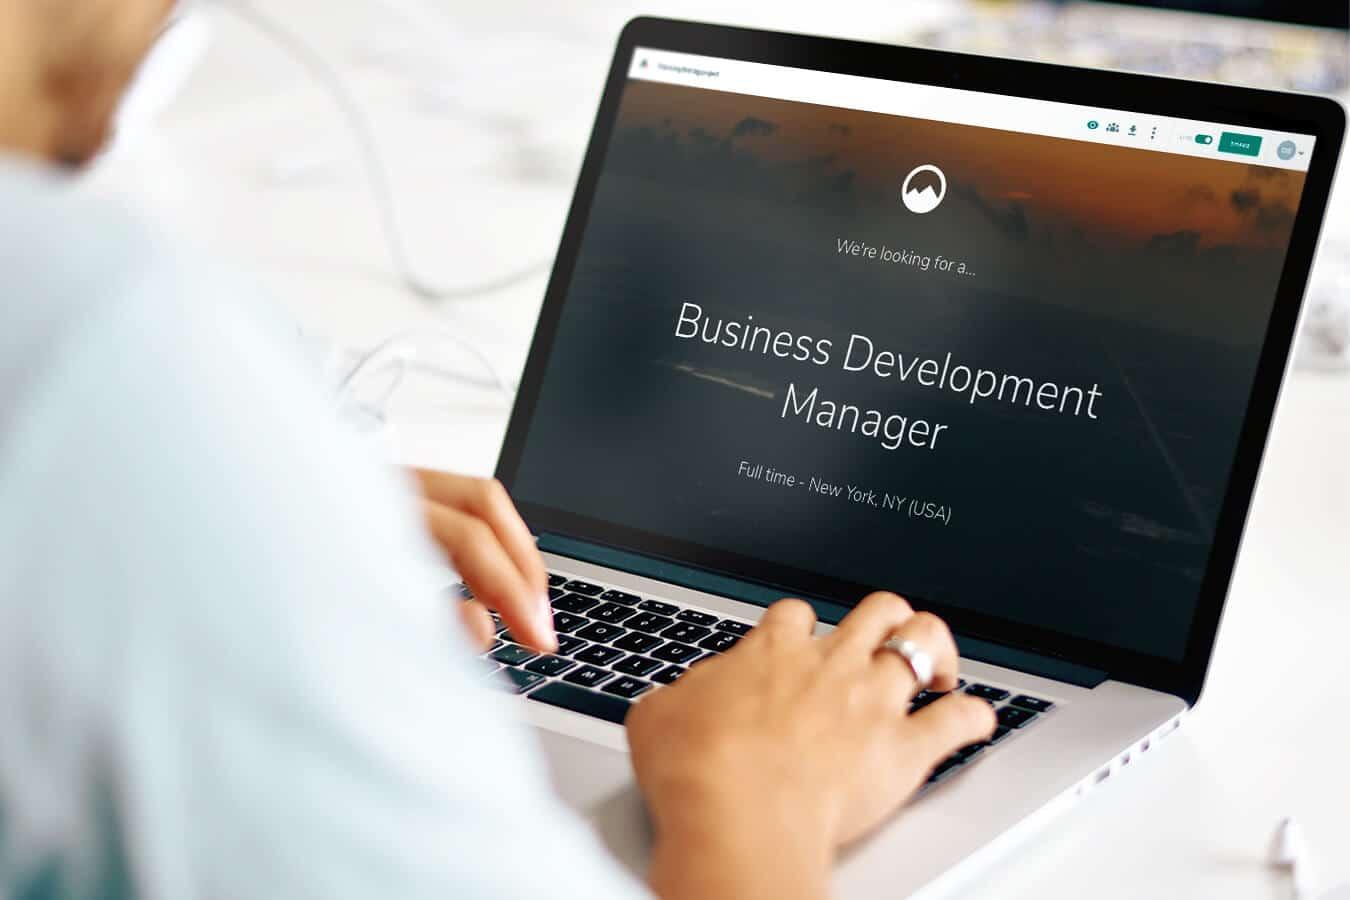 laptop-business-developer-manager-jd